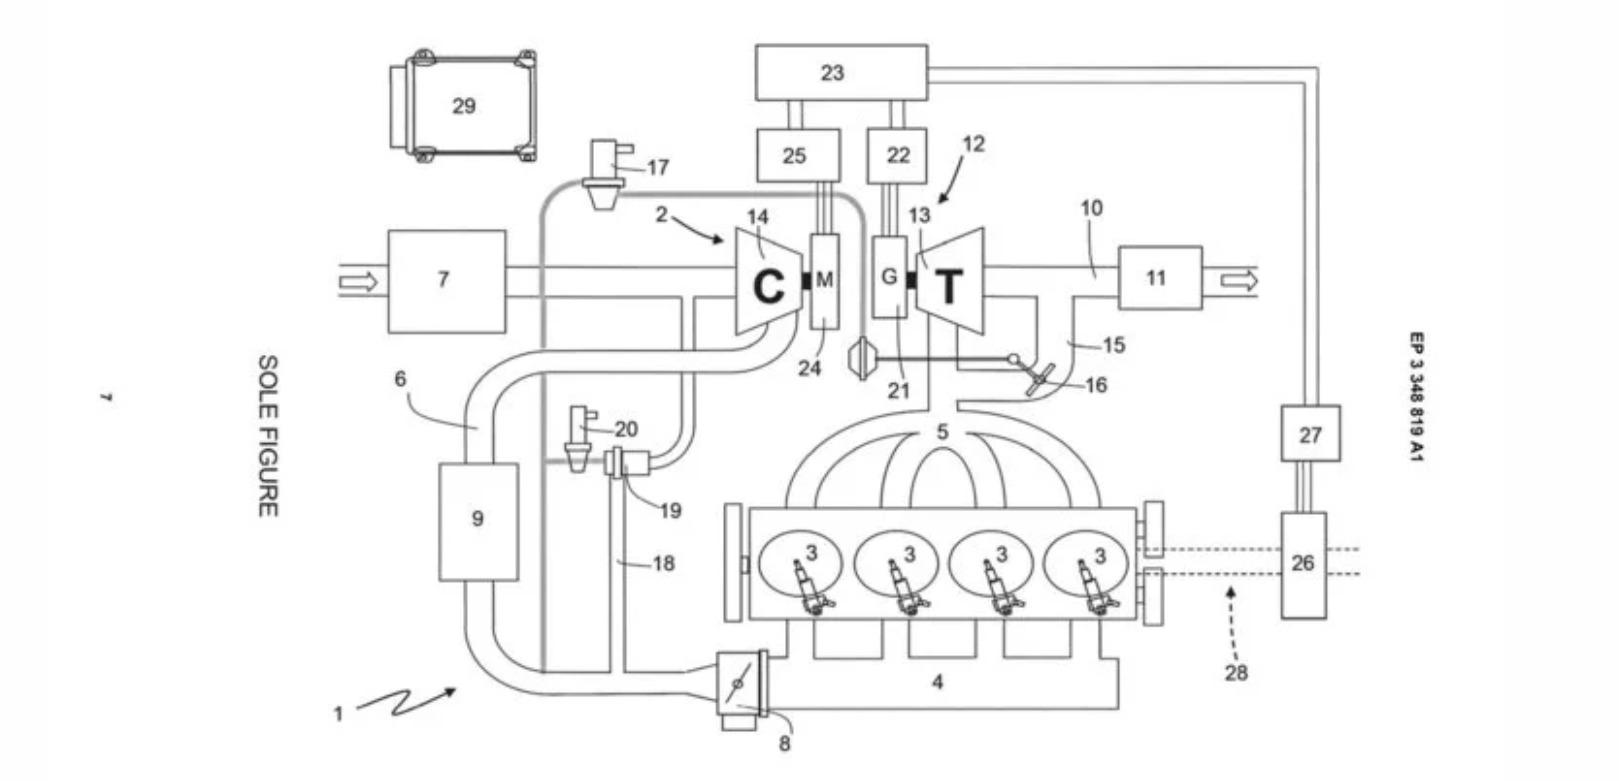 ferrari d u00e9pose un brevet pour un dr u00f4le de moteur